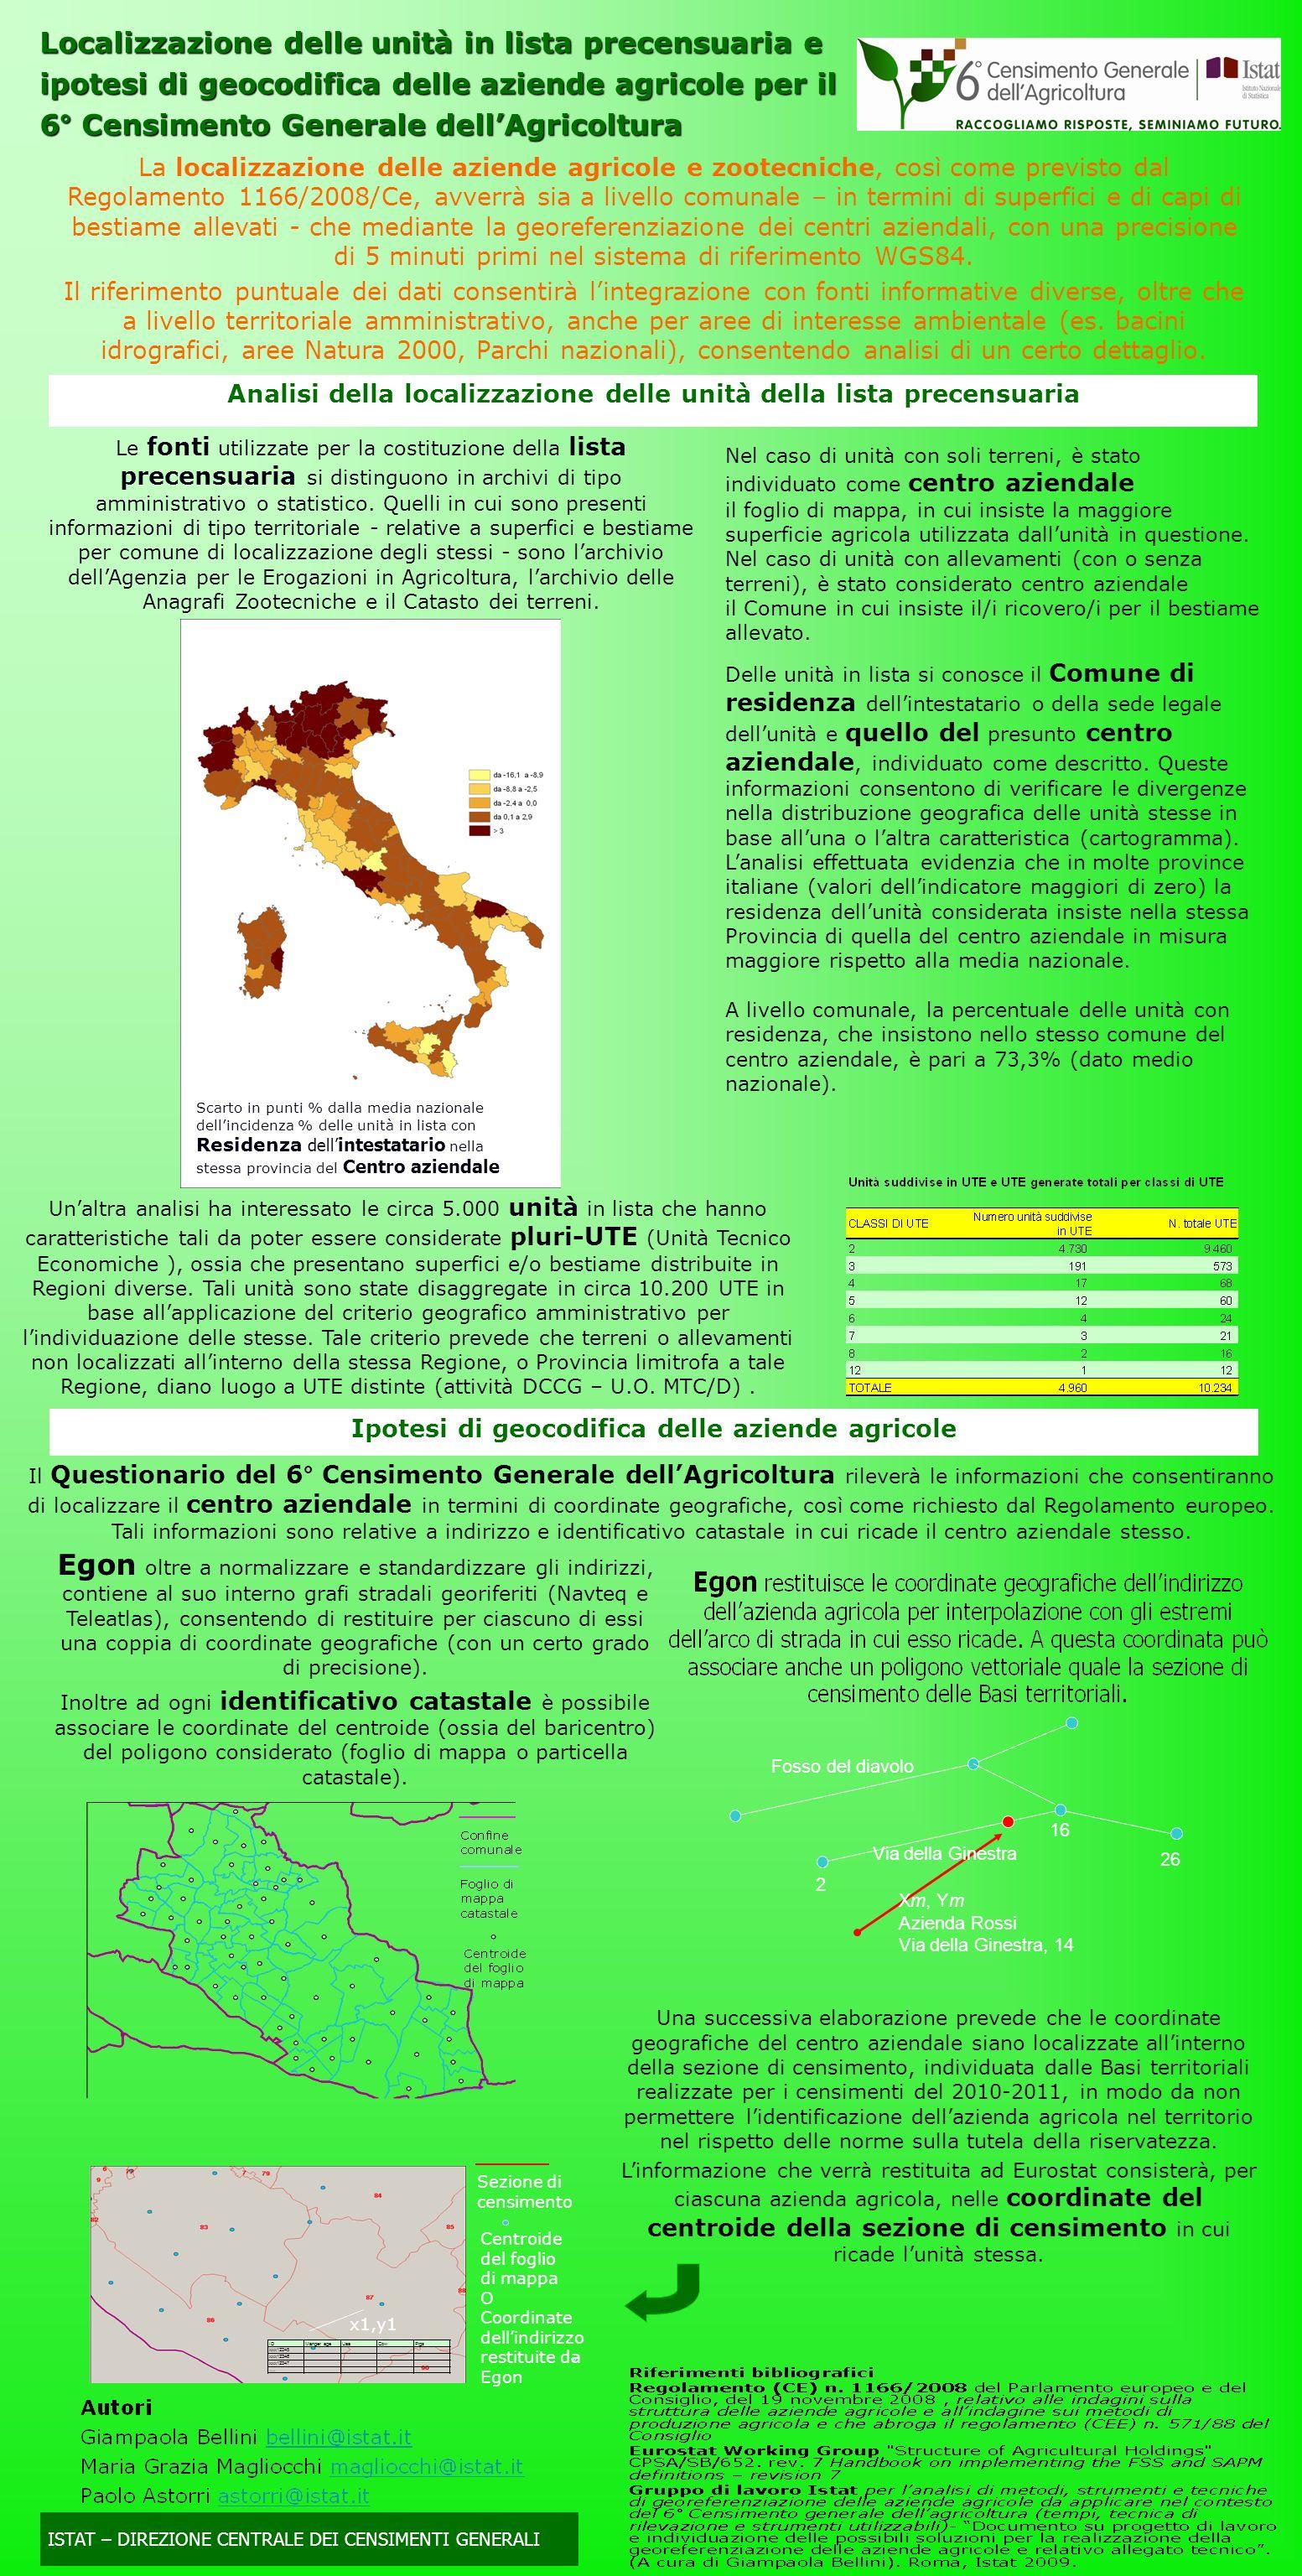 Localizzazione delle unità in lista precensuaria e ipotesi di geocodifica delle aziende agricole per il 6° Censimento Generale dellAgricoltura La localizzazione delle aziende agricole e zootecniche, così come previsto dal Regolamento 1166/2008/Ce, avverrà sia a livello comunale – in termini di superfici e di capi di bestiame allevati - che mediante la georeferenziazione dei centri aziendali, con una precisione di 5 minuti primi nel sistema di riferimento WGS84.